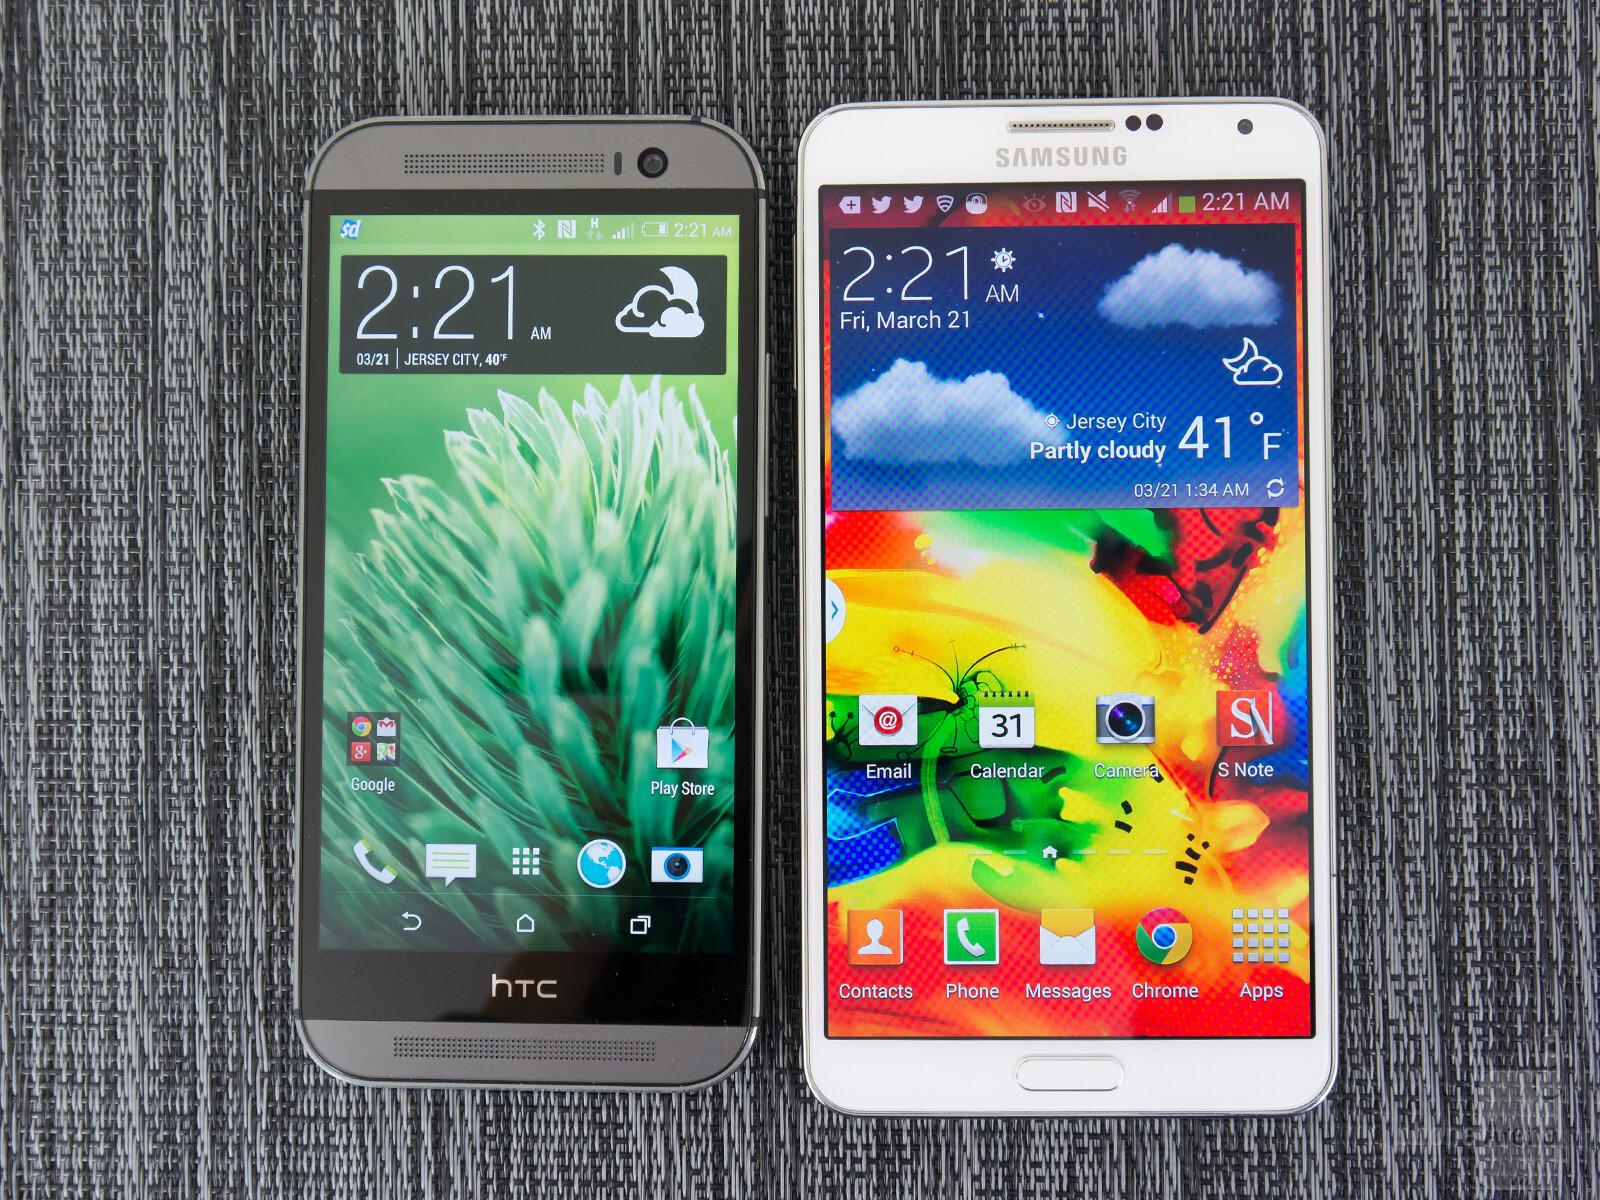 HTC e M8 vs Samsung Galaxy Note 3 001